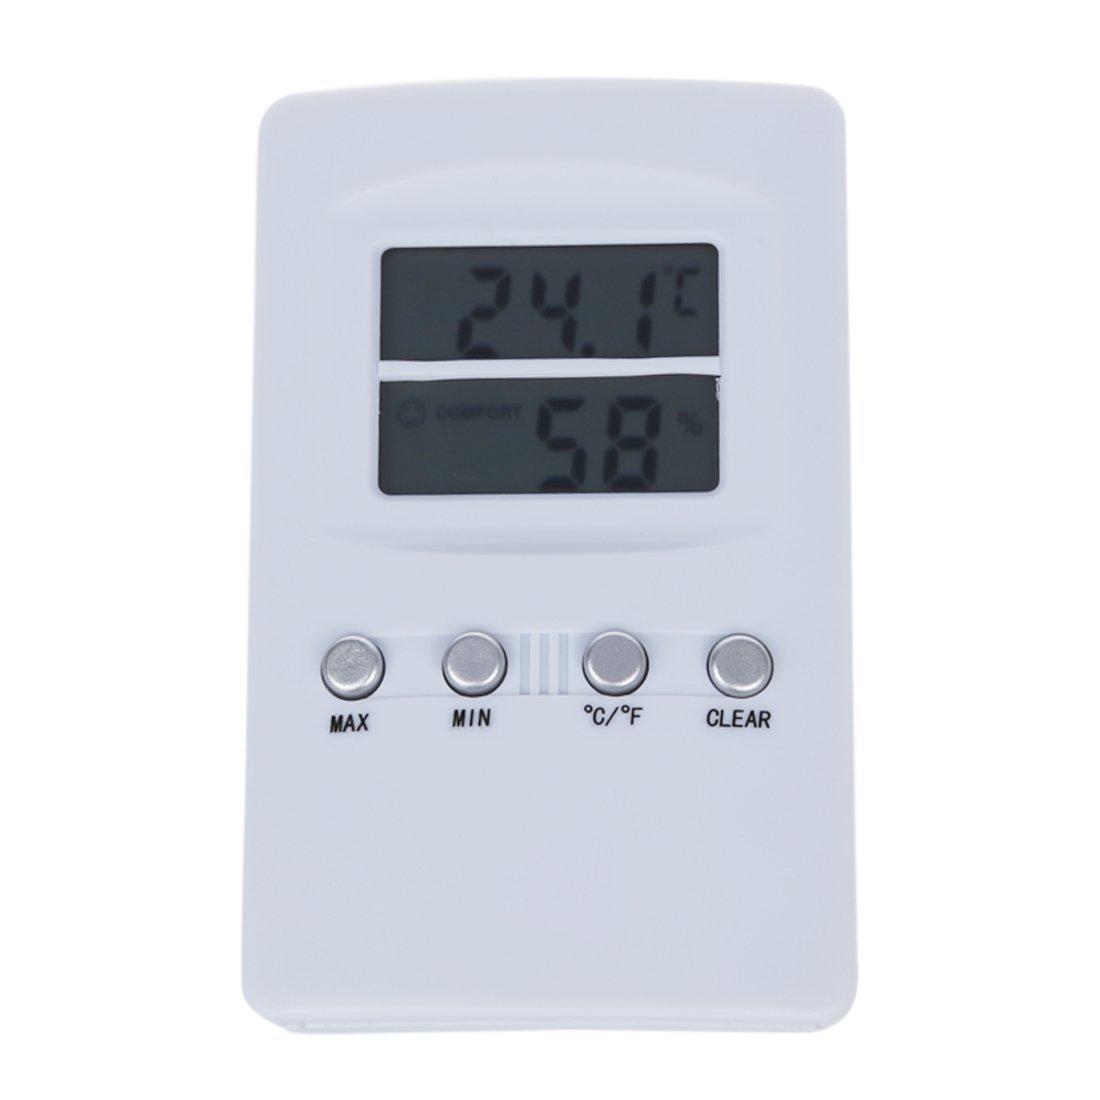 Hygrometer - SODIAL(R) Thermometer Hygrometer Digital Moisture Meter 9